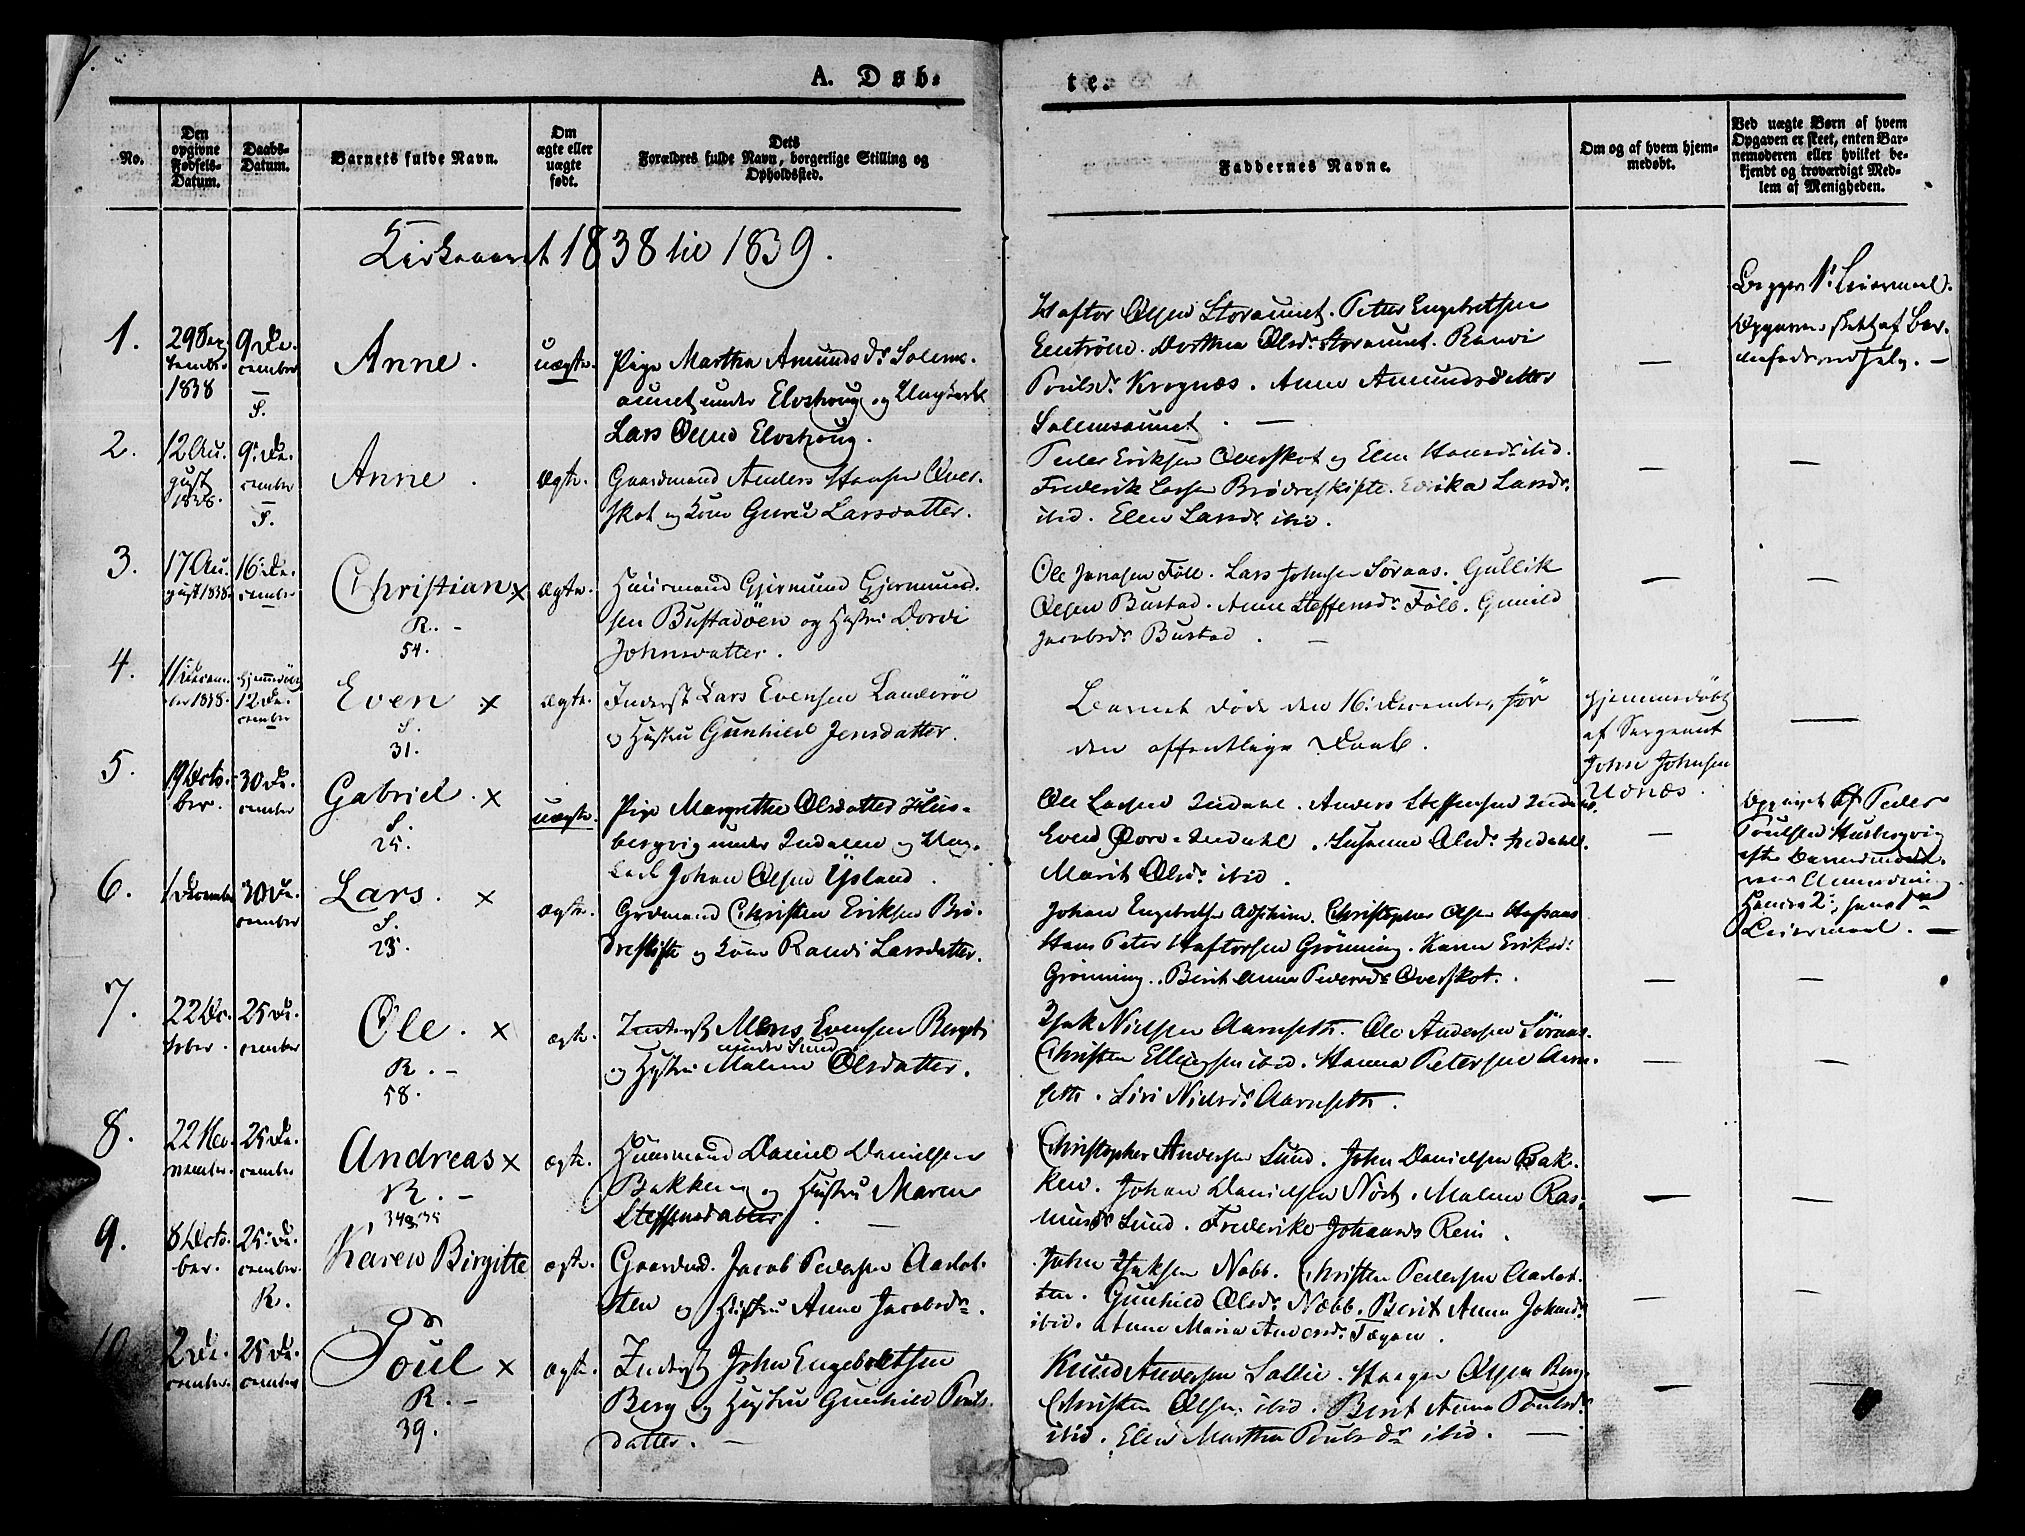 SAT, Ministerialprotokoller, klokkerbøker og fødselsregistre - Sør-Trøndelag, 646/L0610: Ministerialbok nr. 646A08, 1837-1847, s. 1